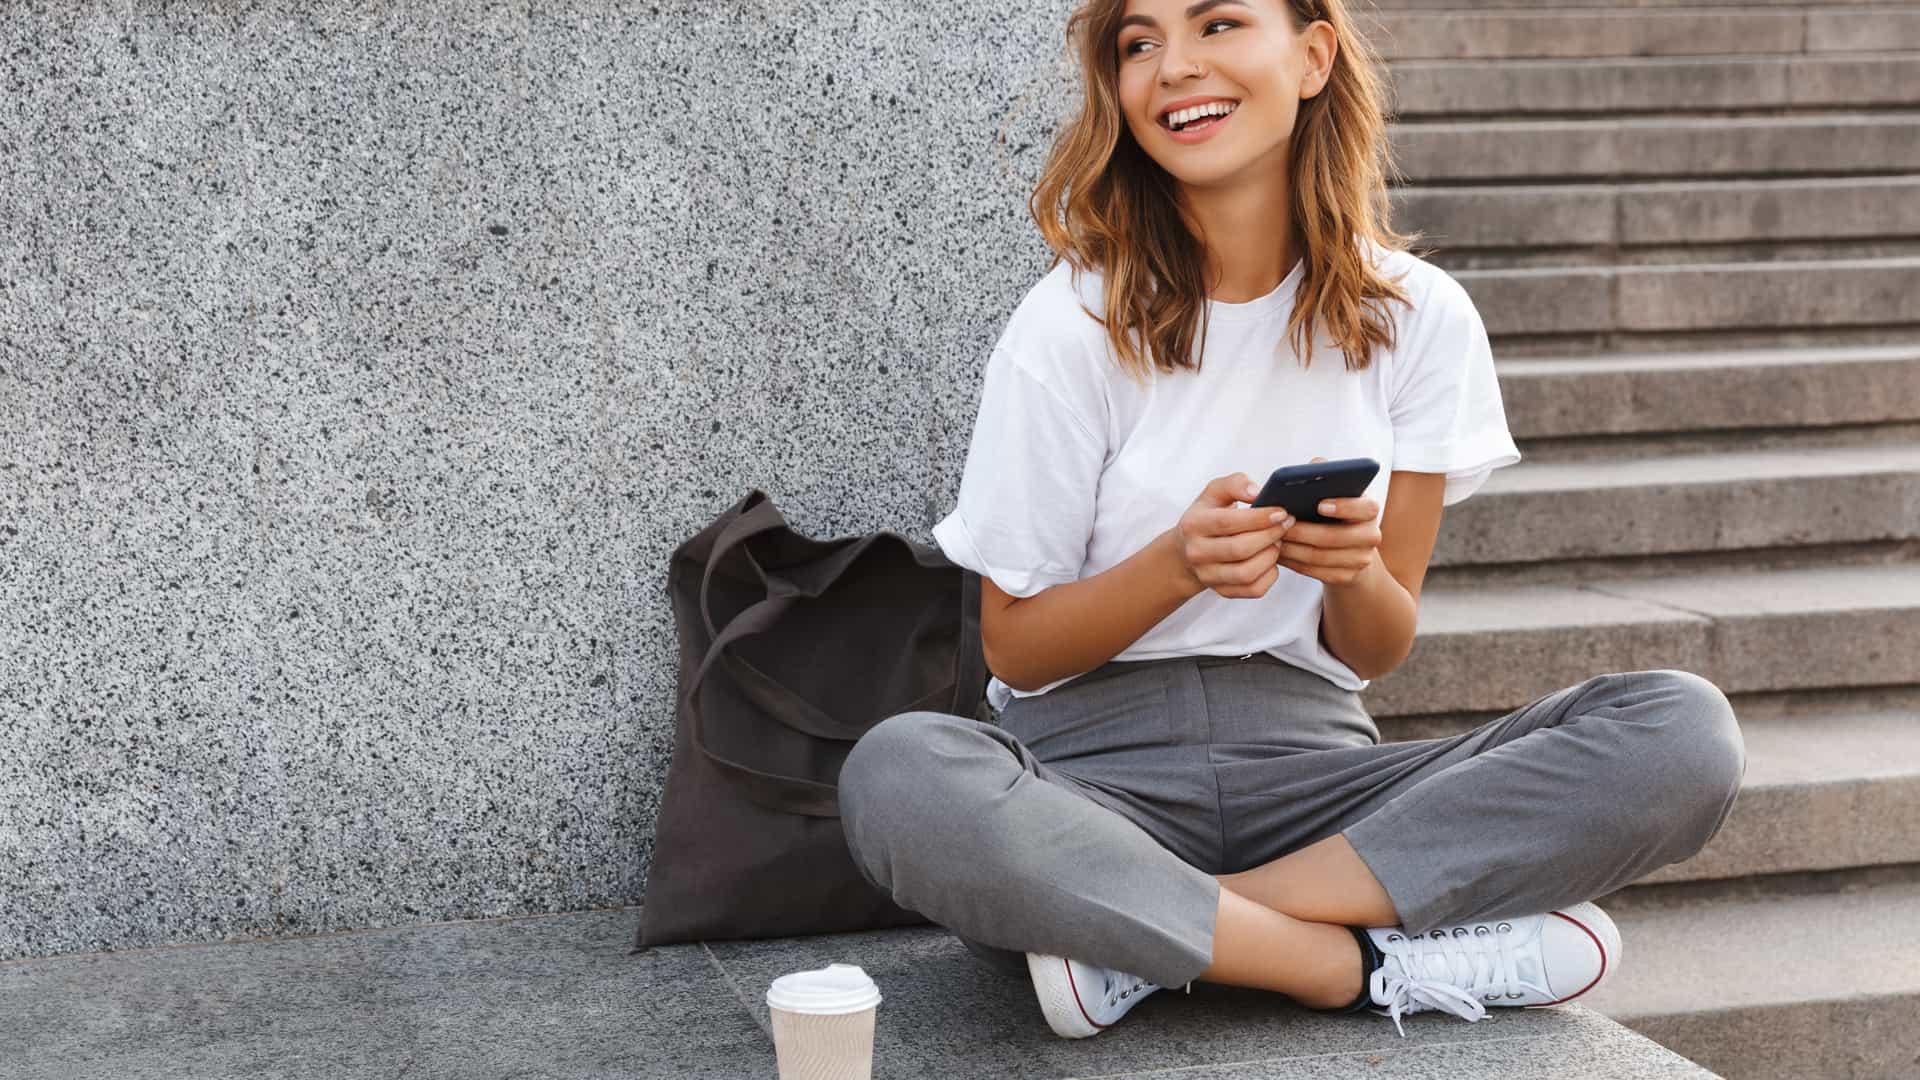 Joven con su móvil mientras recarga su vehículo eléctrico simboliza recargar móvil